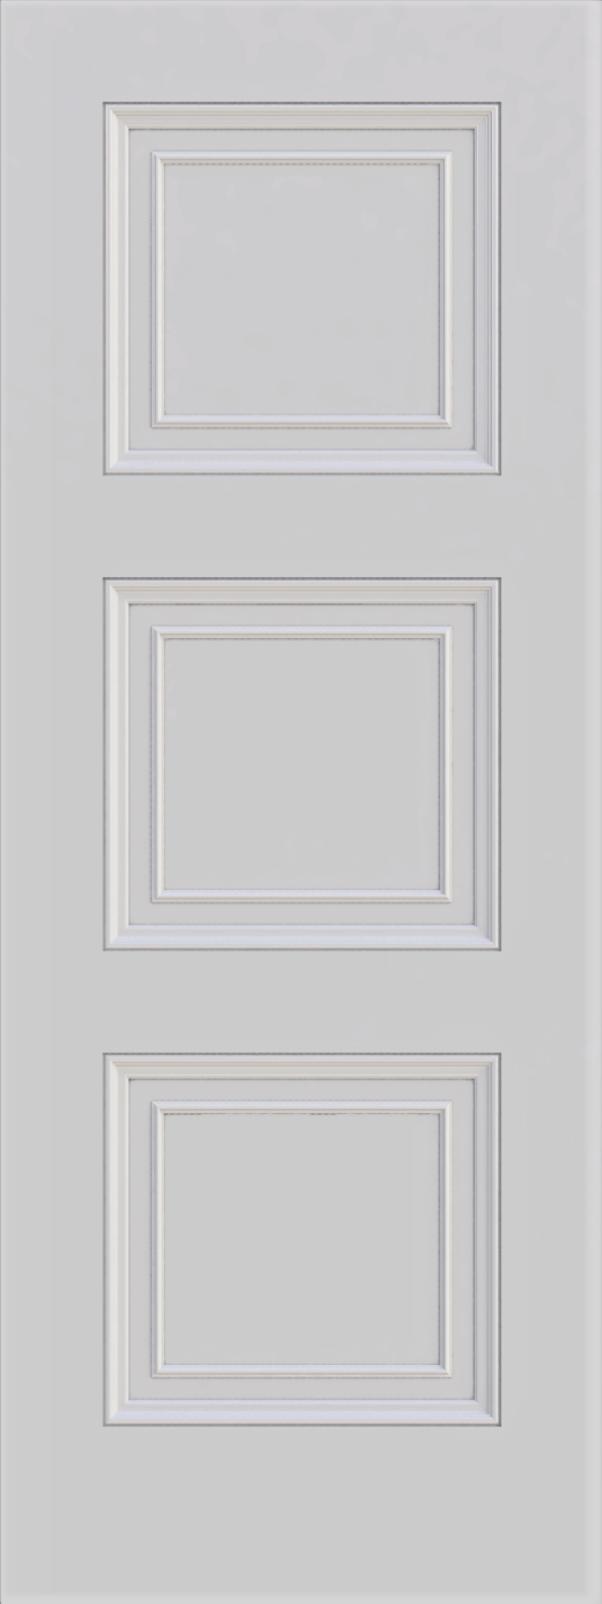 Made to measure internal door